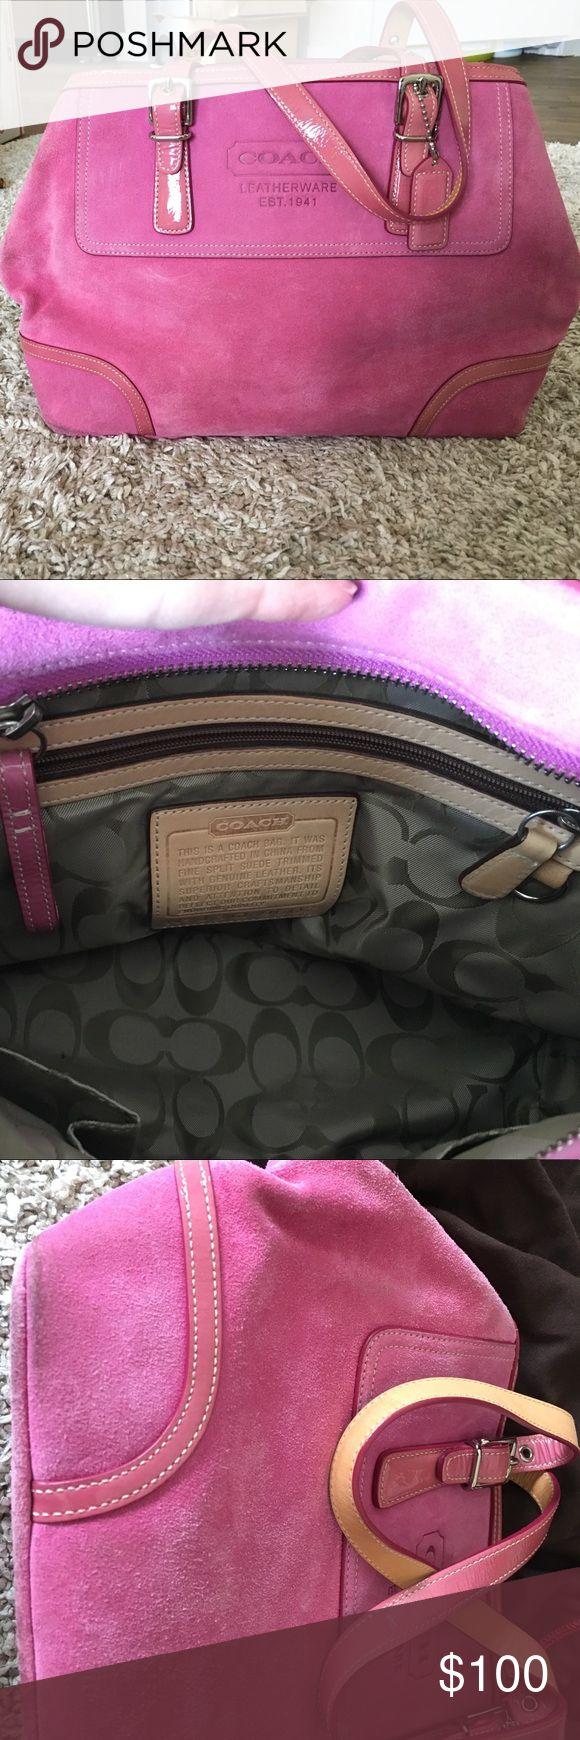 Bubble gum pink coach purse suede Super cute pink coach purse perfect for summer coach Bags Totes